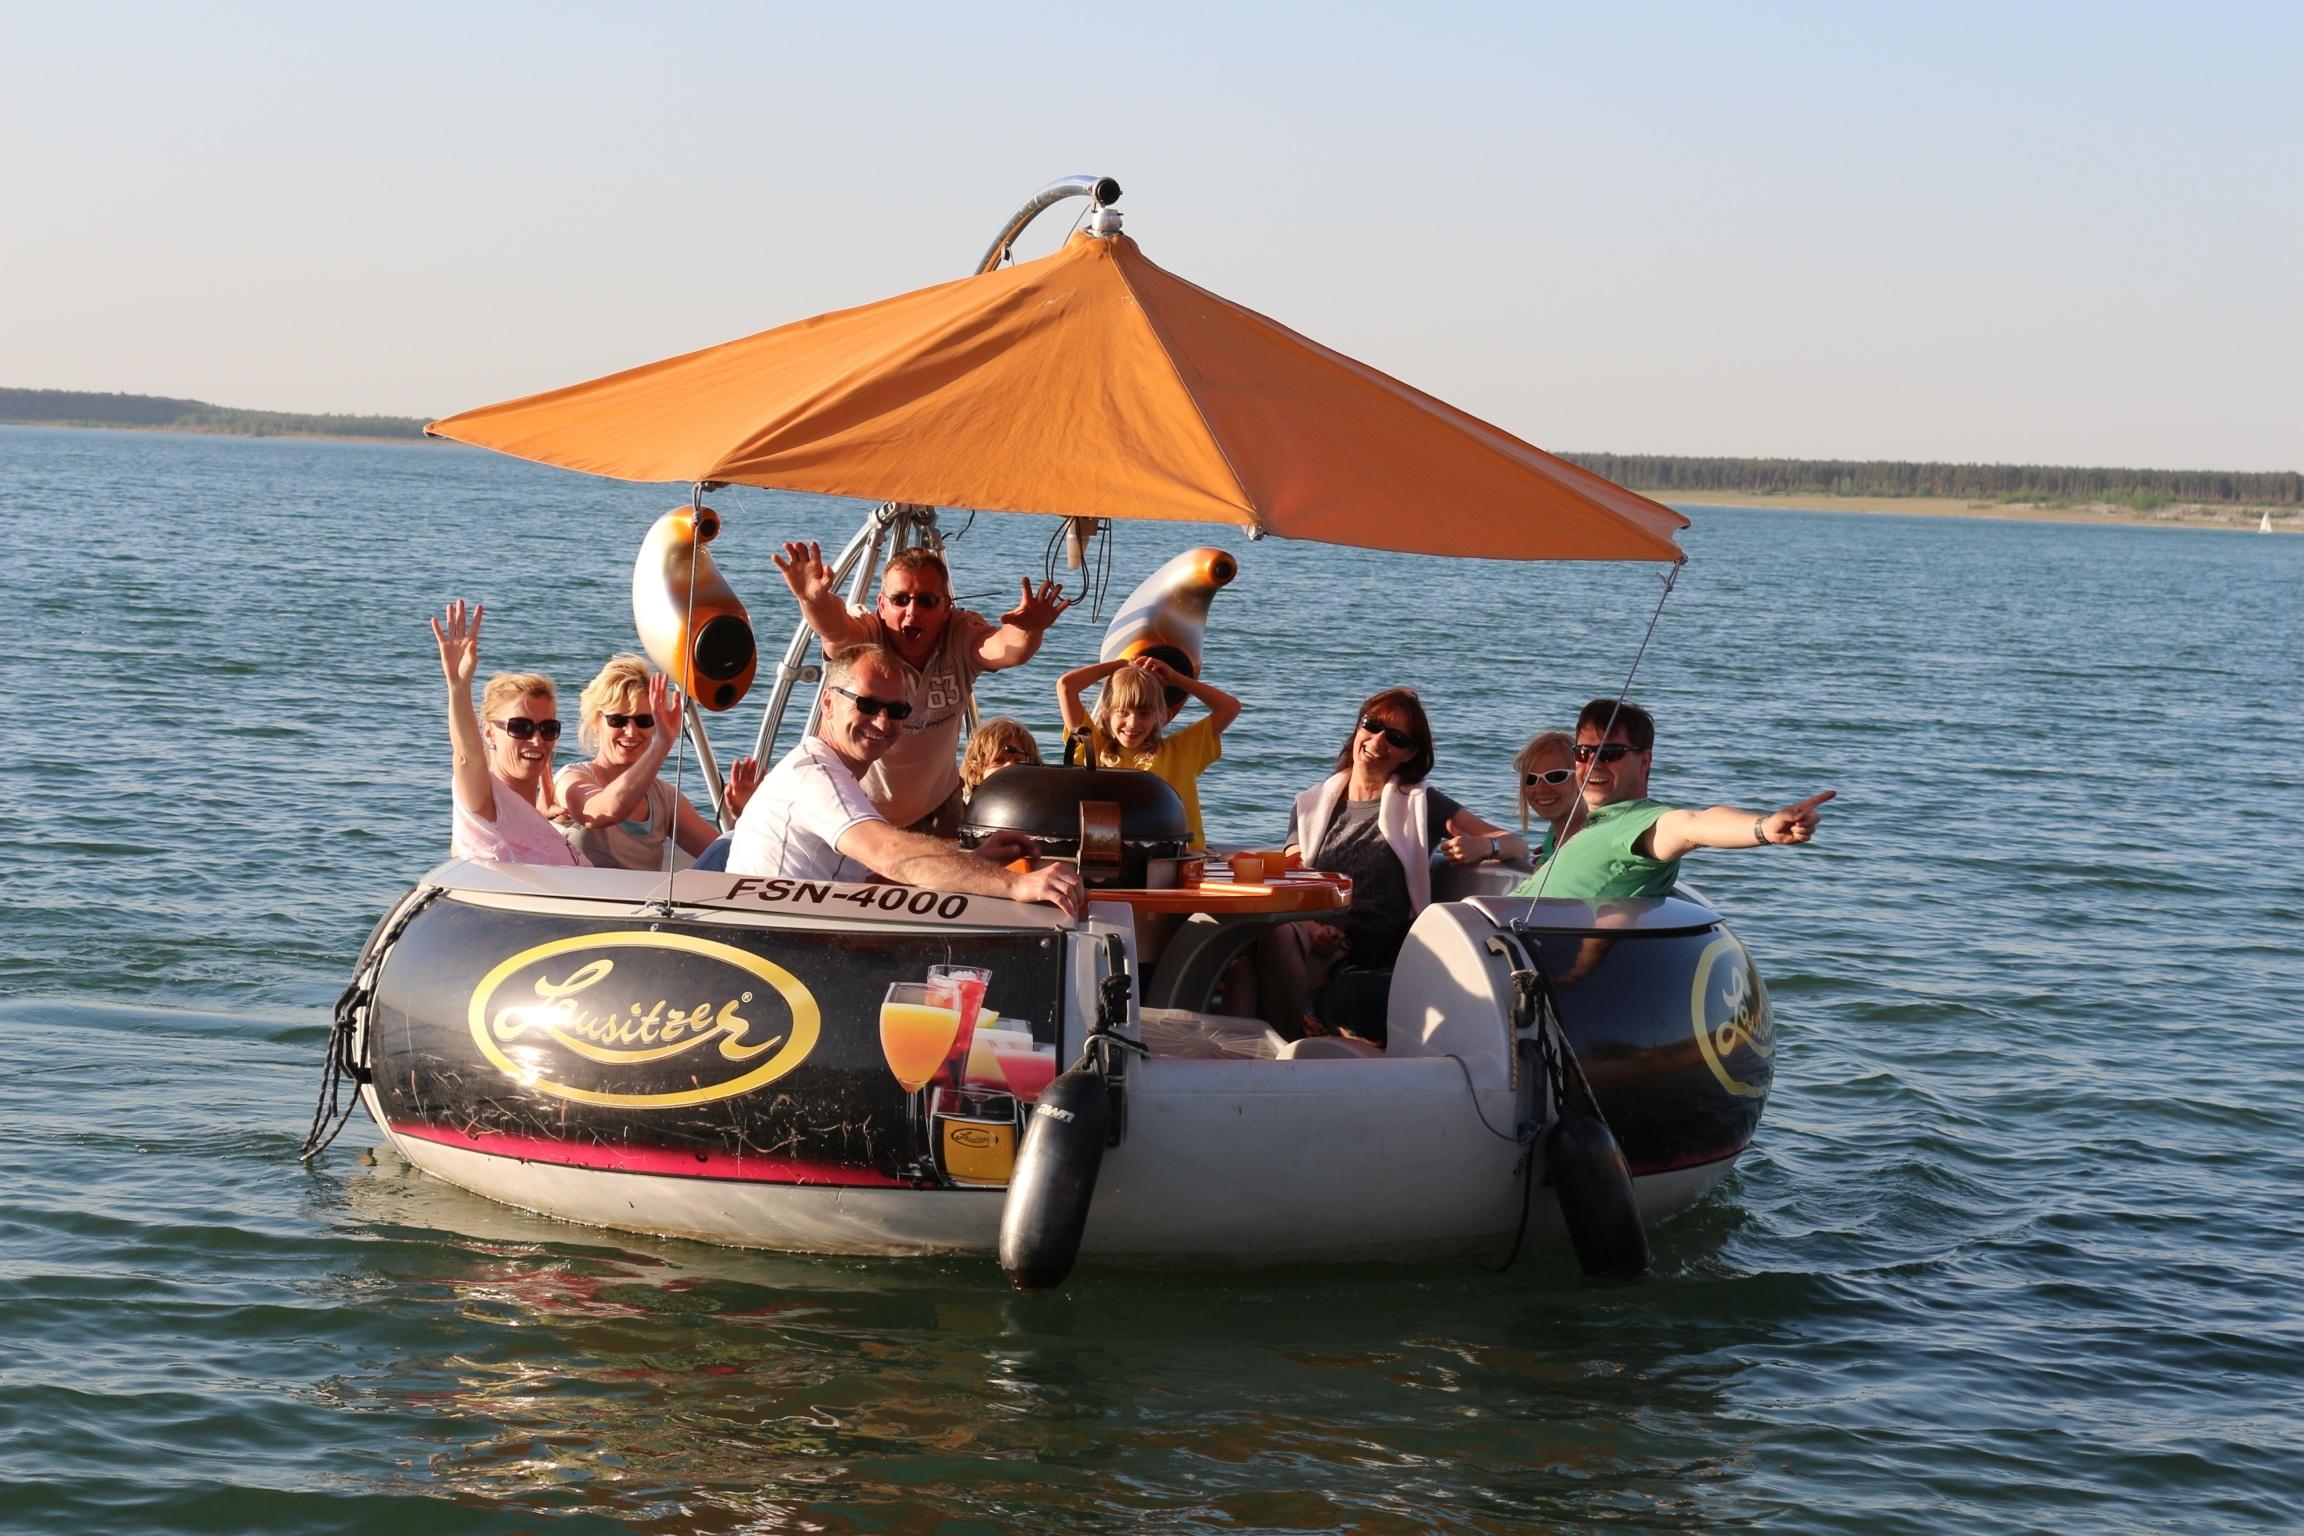 Grill & Chill - Grillen auf dem Wasser!